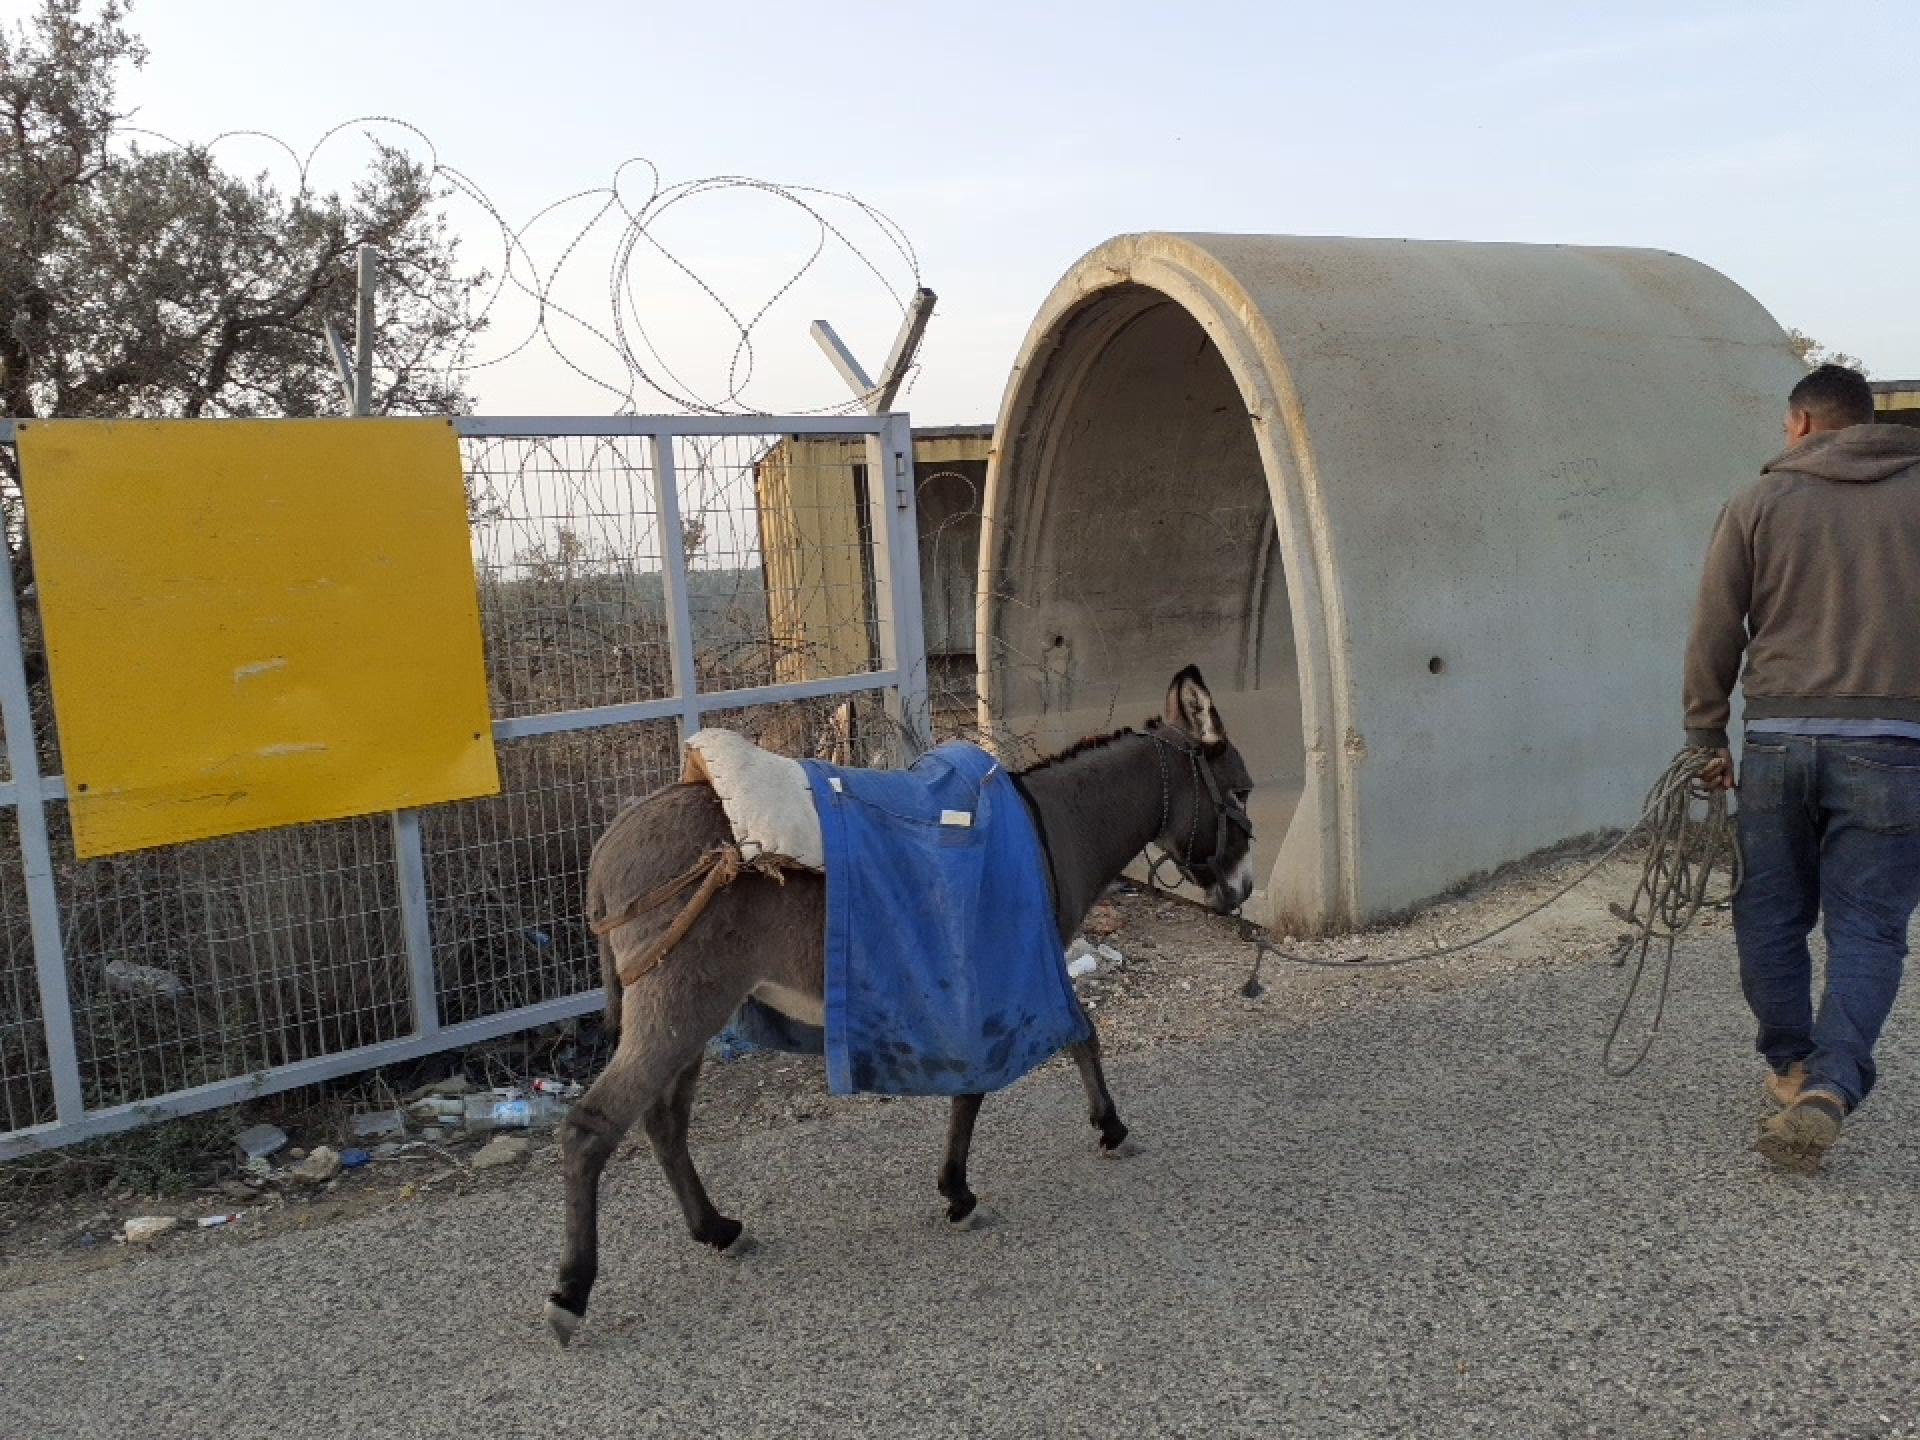 חמור ליד המחסום